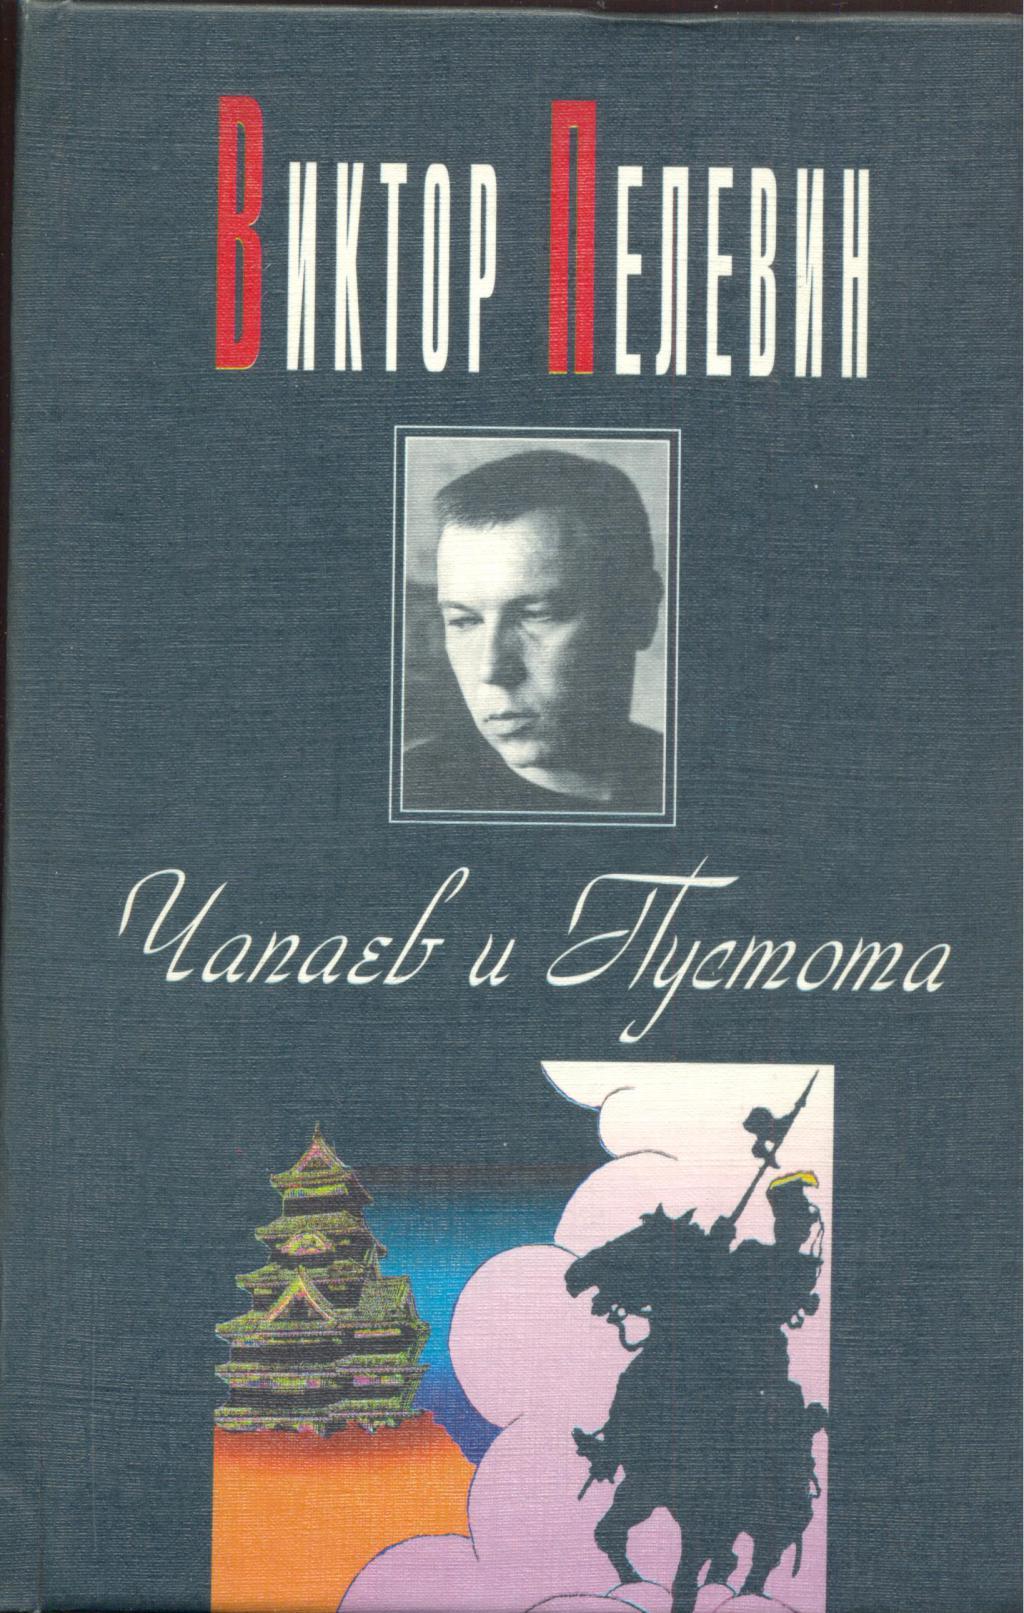 Обложка первого издания «Чапаева и Пустоты» с фотографией автора